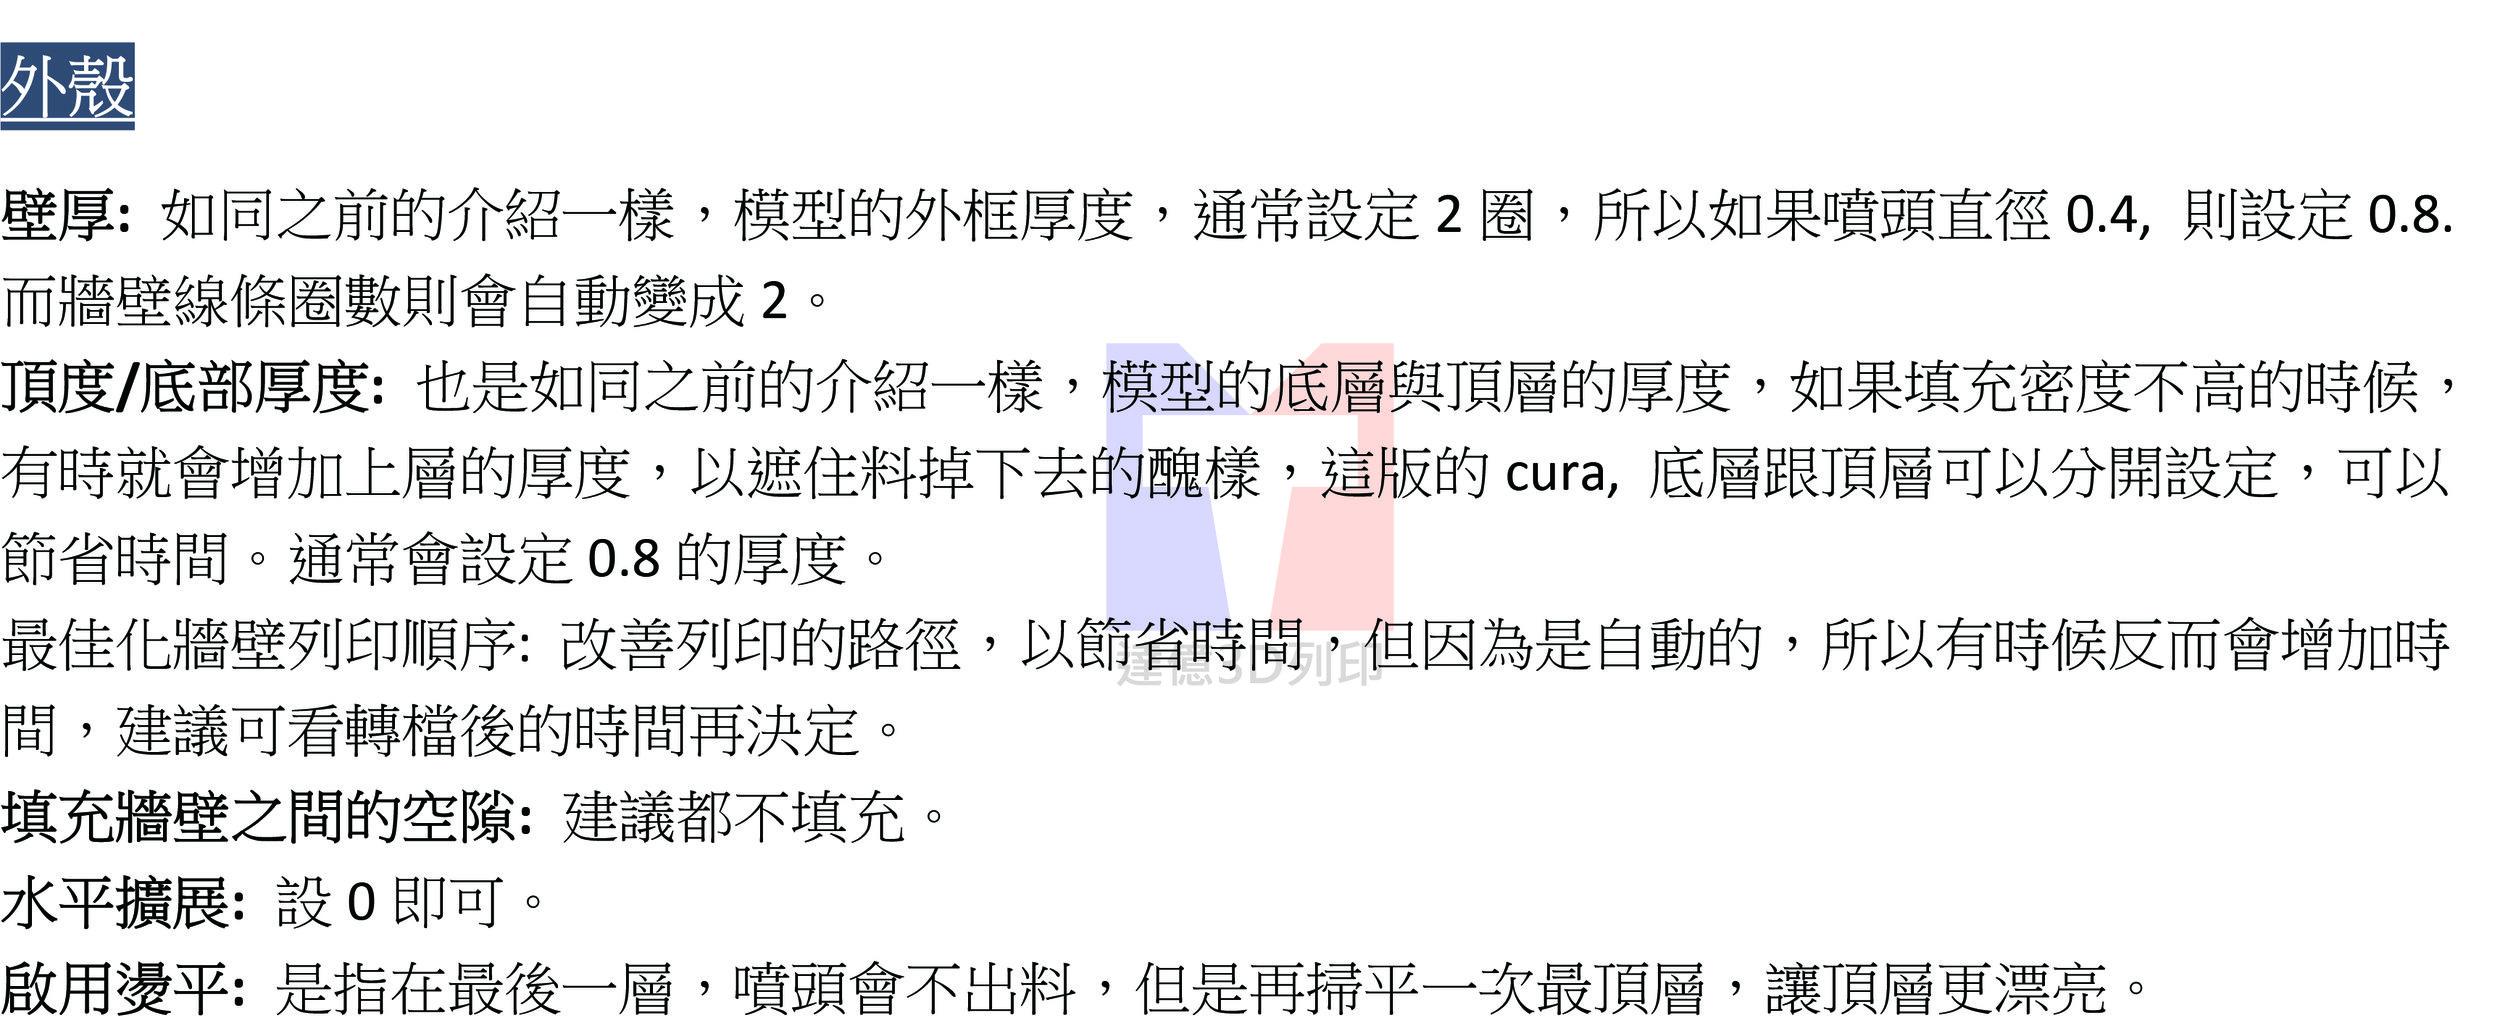 CURA設定3D列印機 外殼.jpg